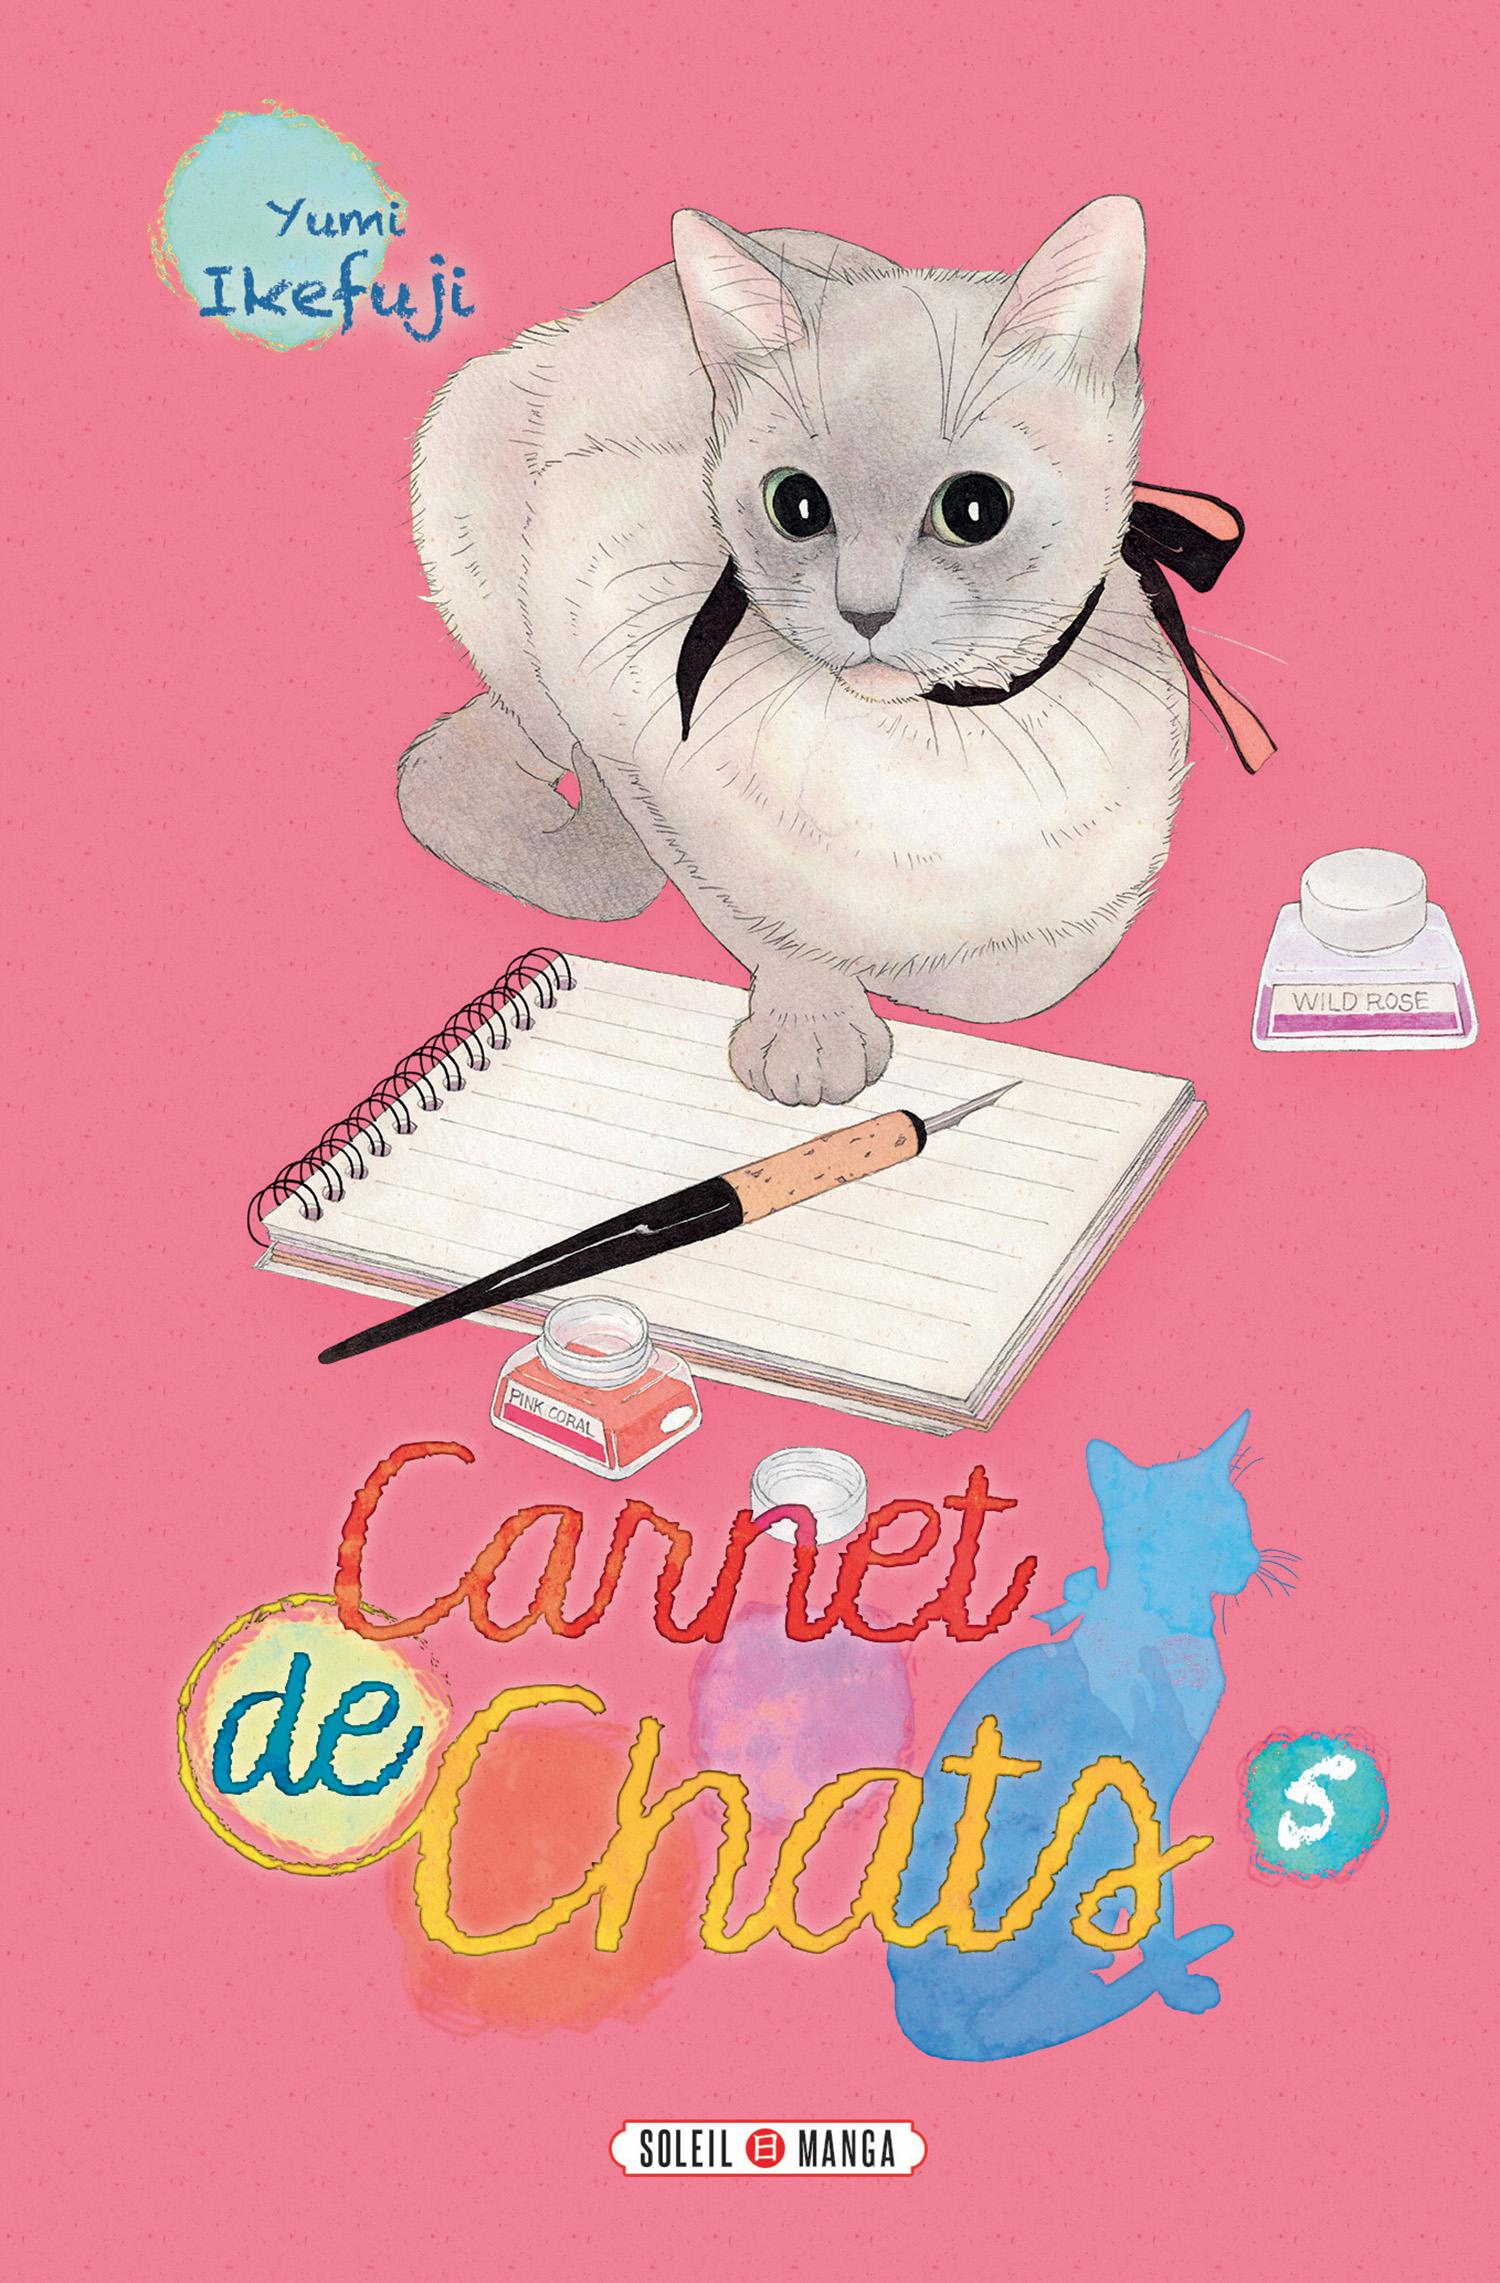 Carnet de chats 5